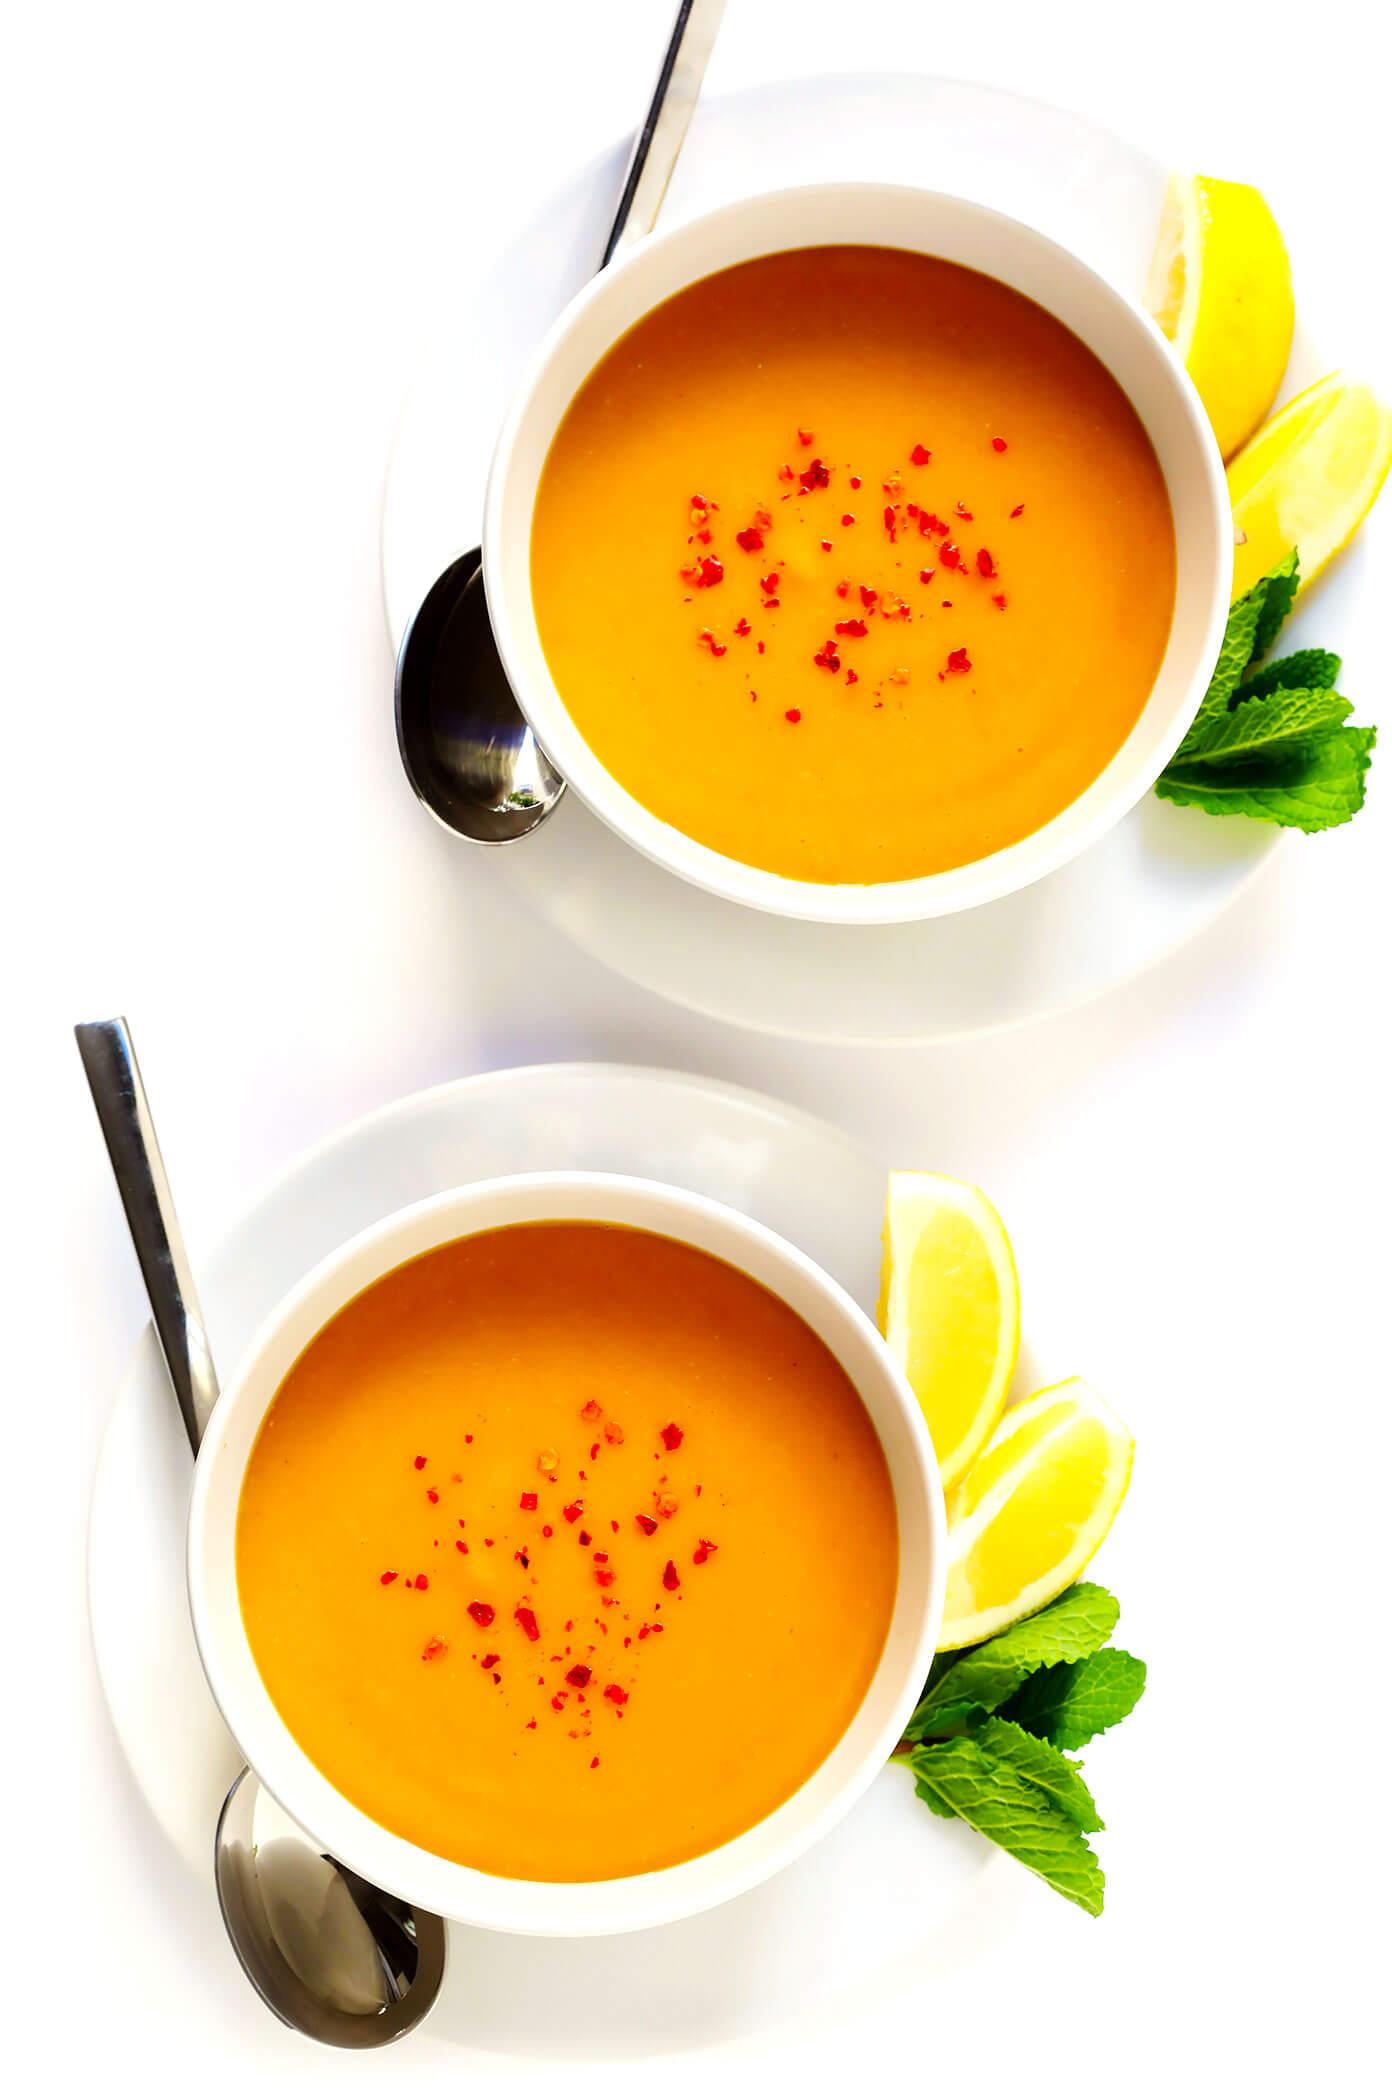 Turkish Lentil Soup with Lemon and Mint